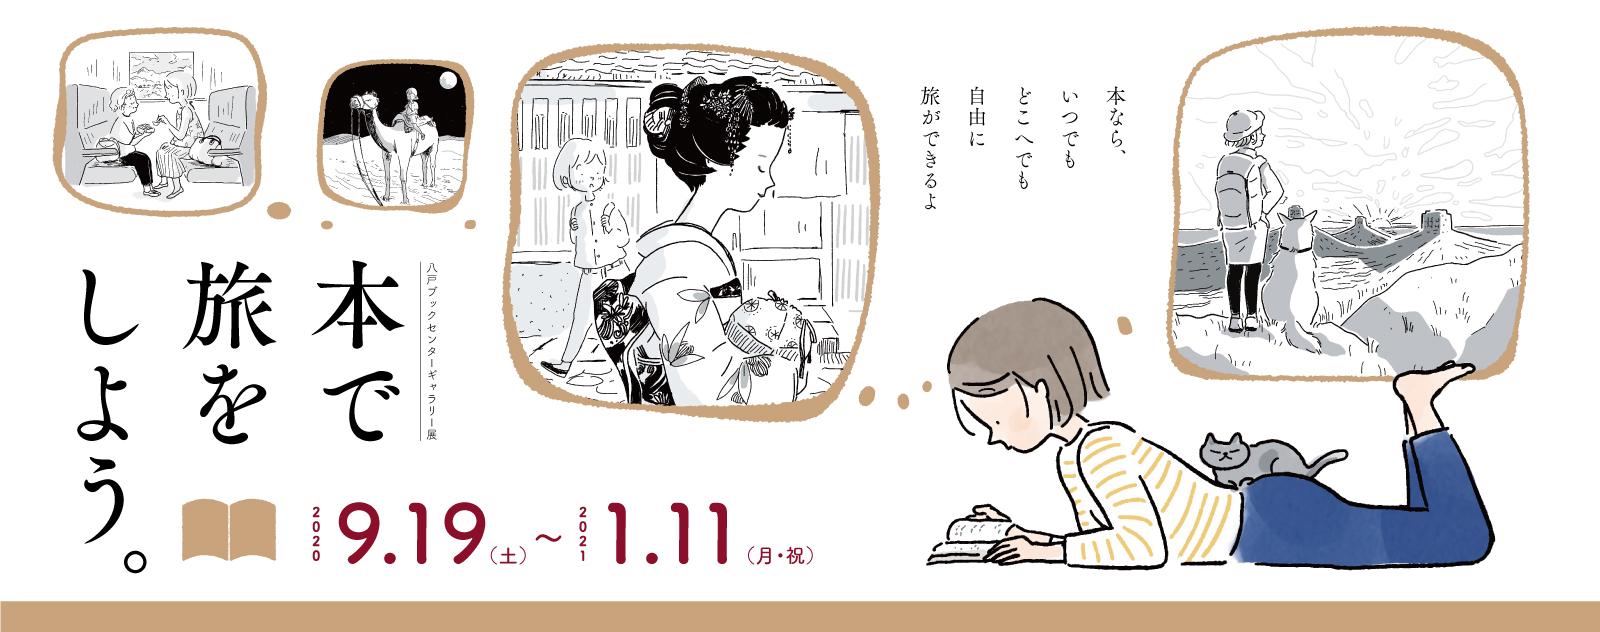 本で旅をしよう。